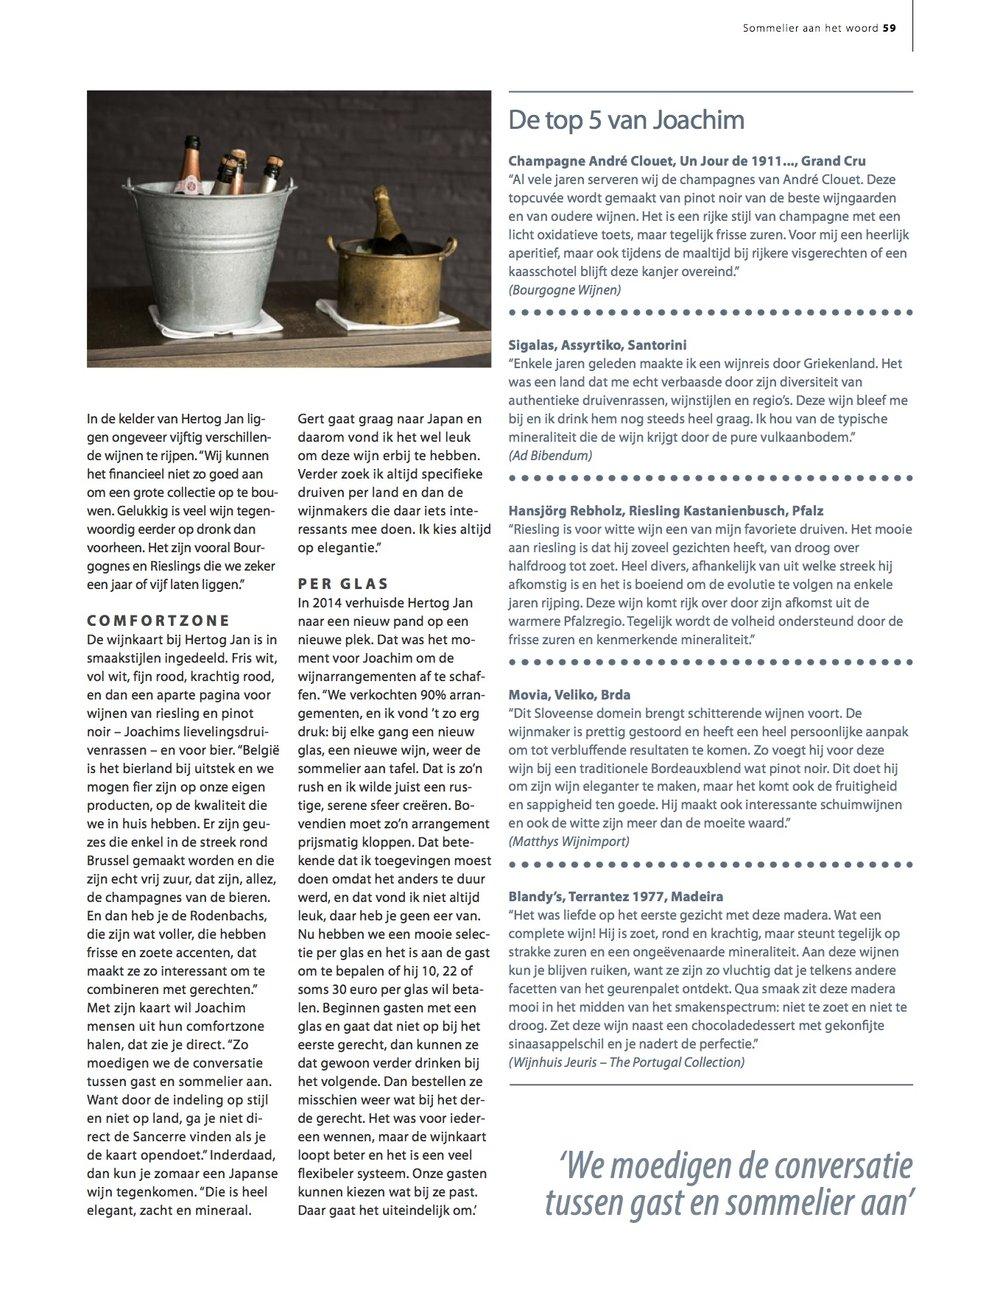 20170902 Perswijn - Perswijn 7 - Magazine - iPad (gesleept) 1 kopie.jpg